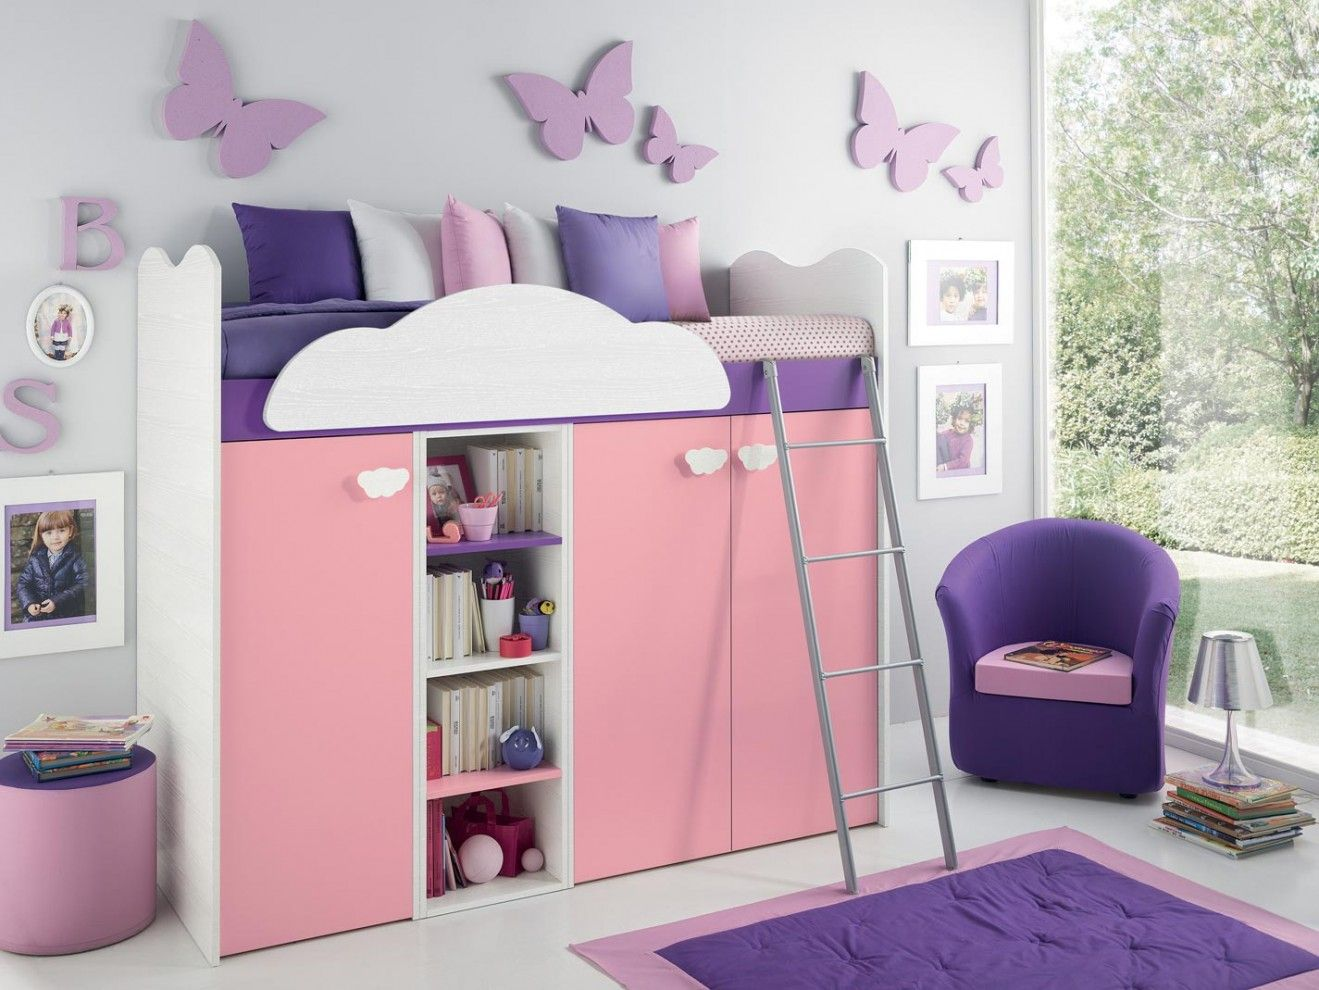 Le camerette per ragazzi e ragazze girotondo offrono - Ikea mobili camera bambini ...